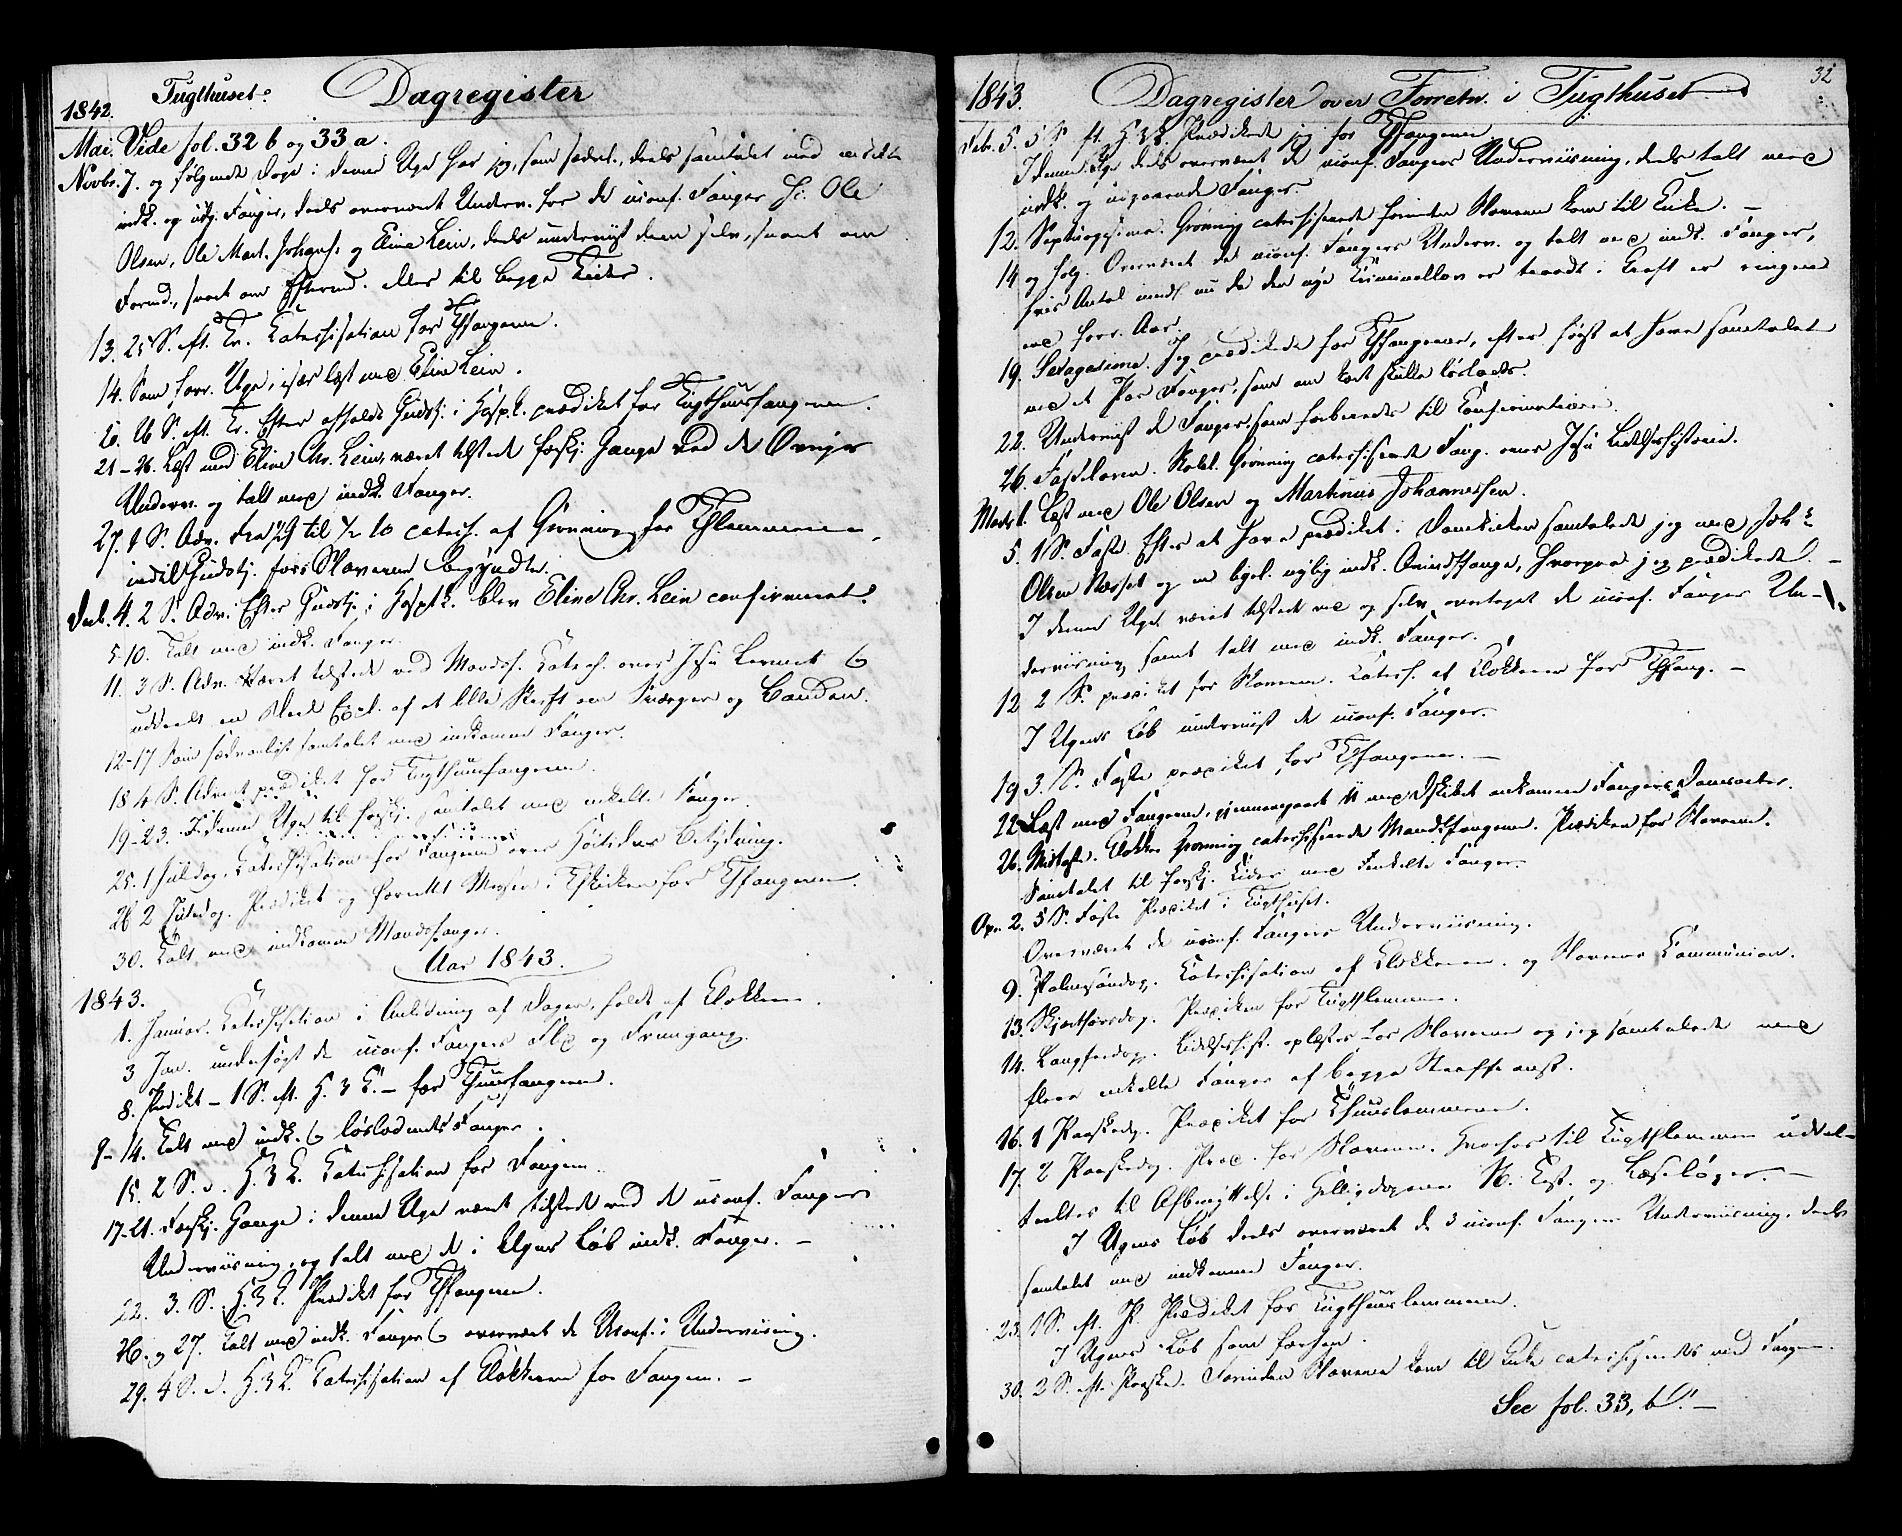 SAT, Ministerialprotokoller, klokkerbøker og fødselsregistre - Sør-Trøndelag, 624/L0480: Ministerialbok nr. 624A01, 1841-1864, s. 32